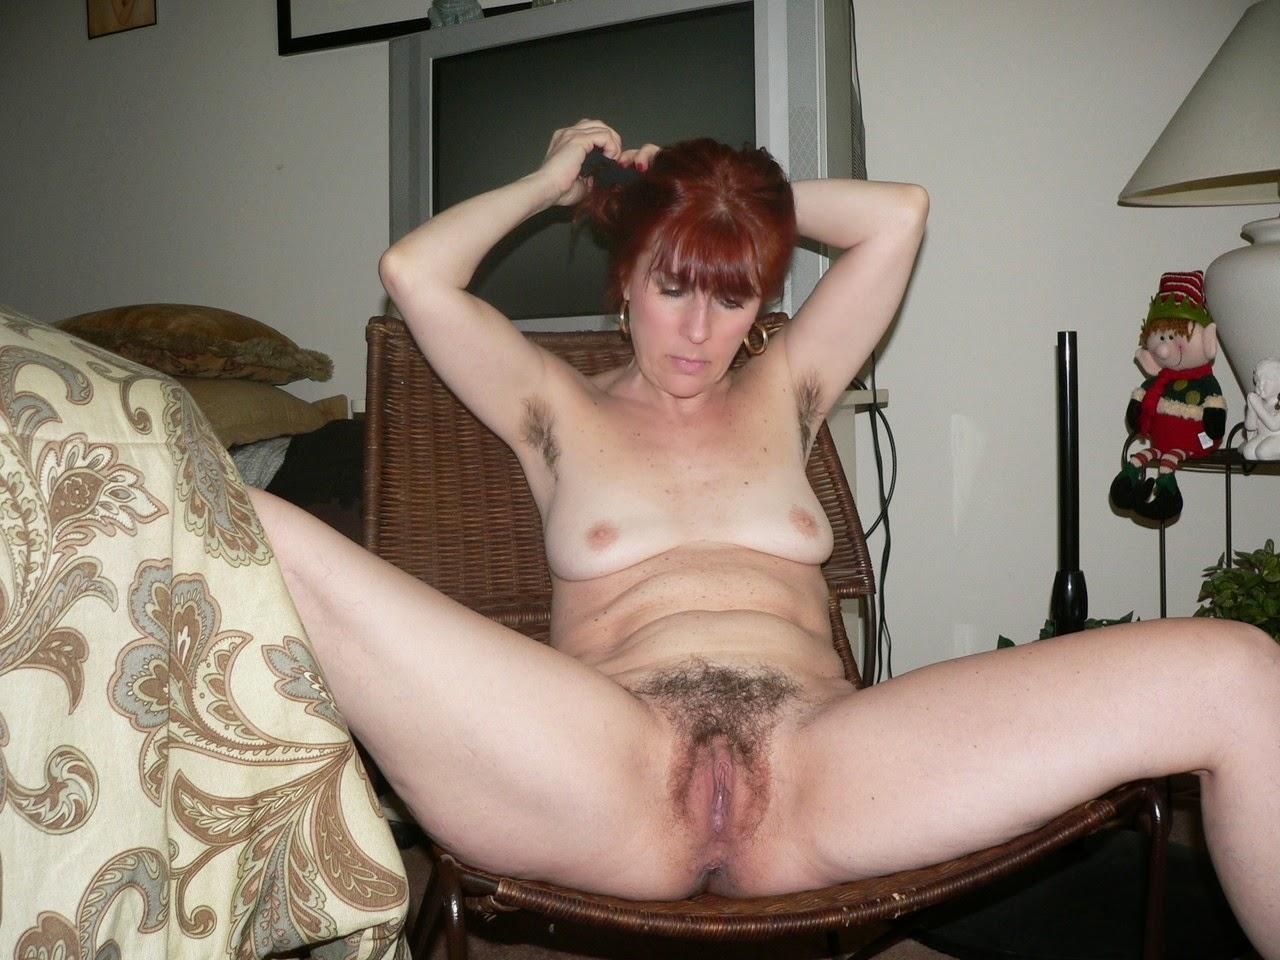 Фото зрелые волосатые сучки, Фото голых баб с волосатой пиздой 22 фотография